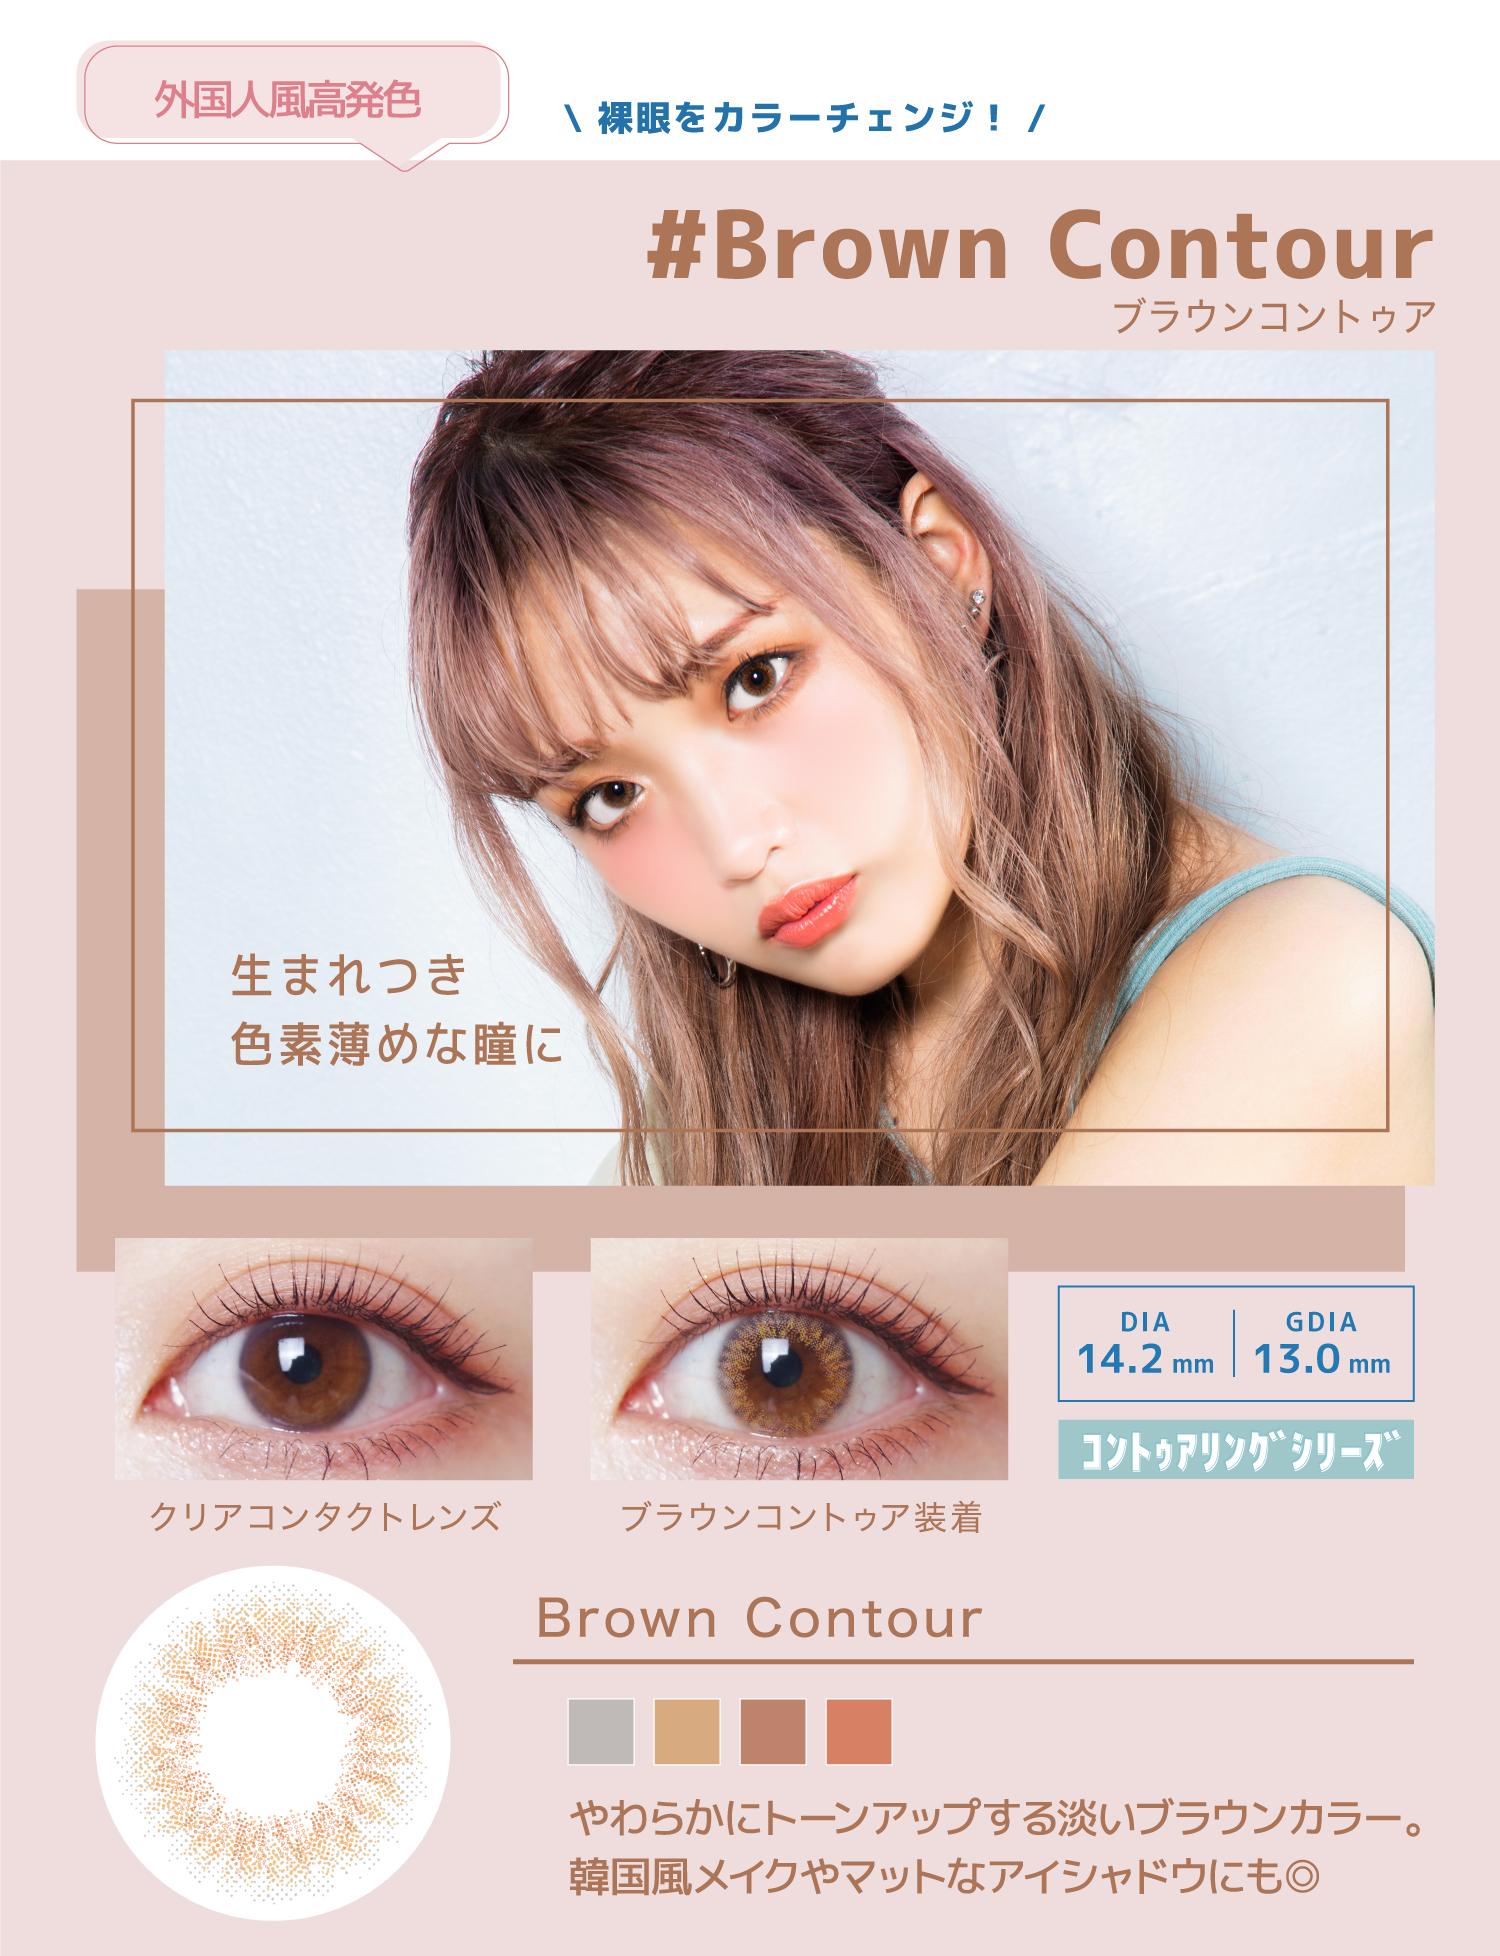 Brown Contour ブラウンコントゥア